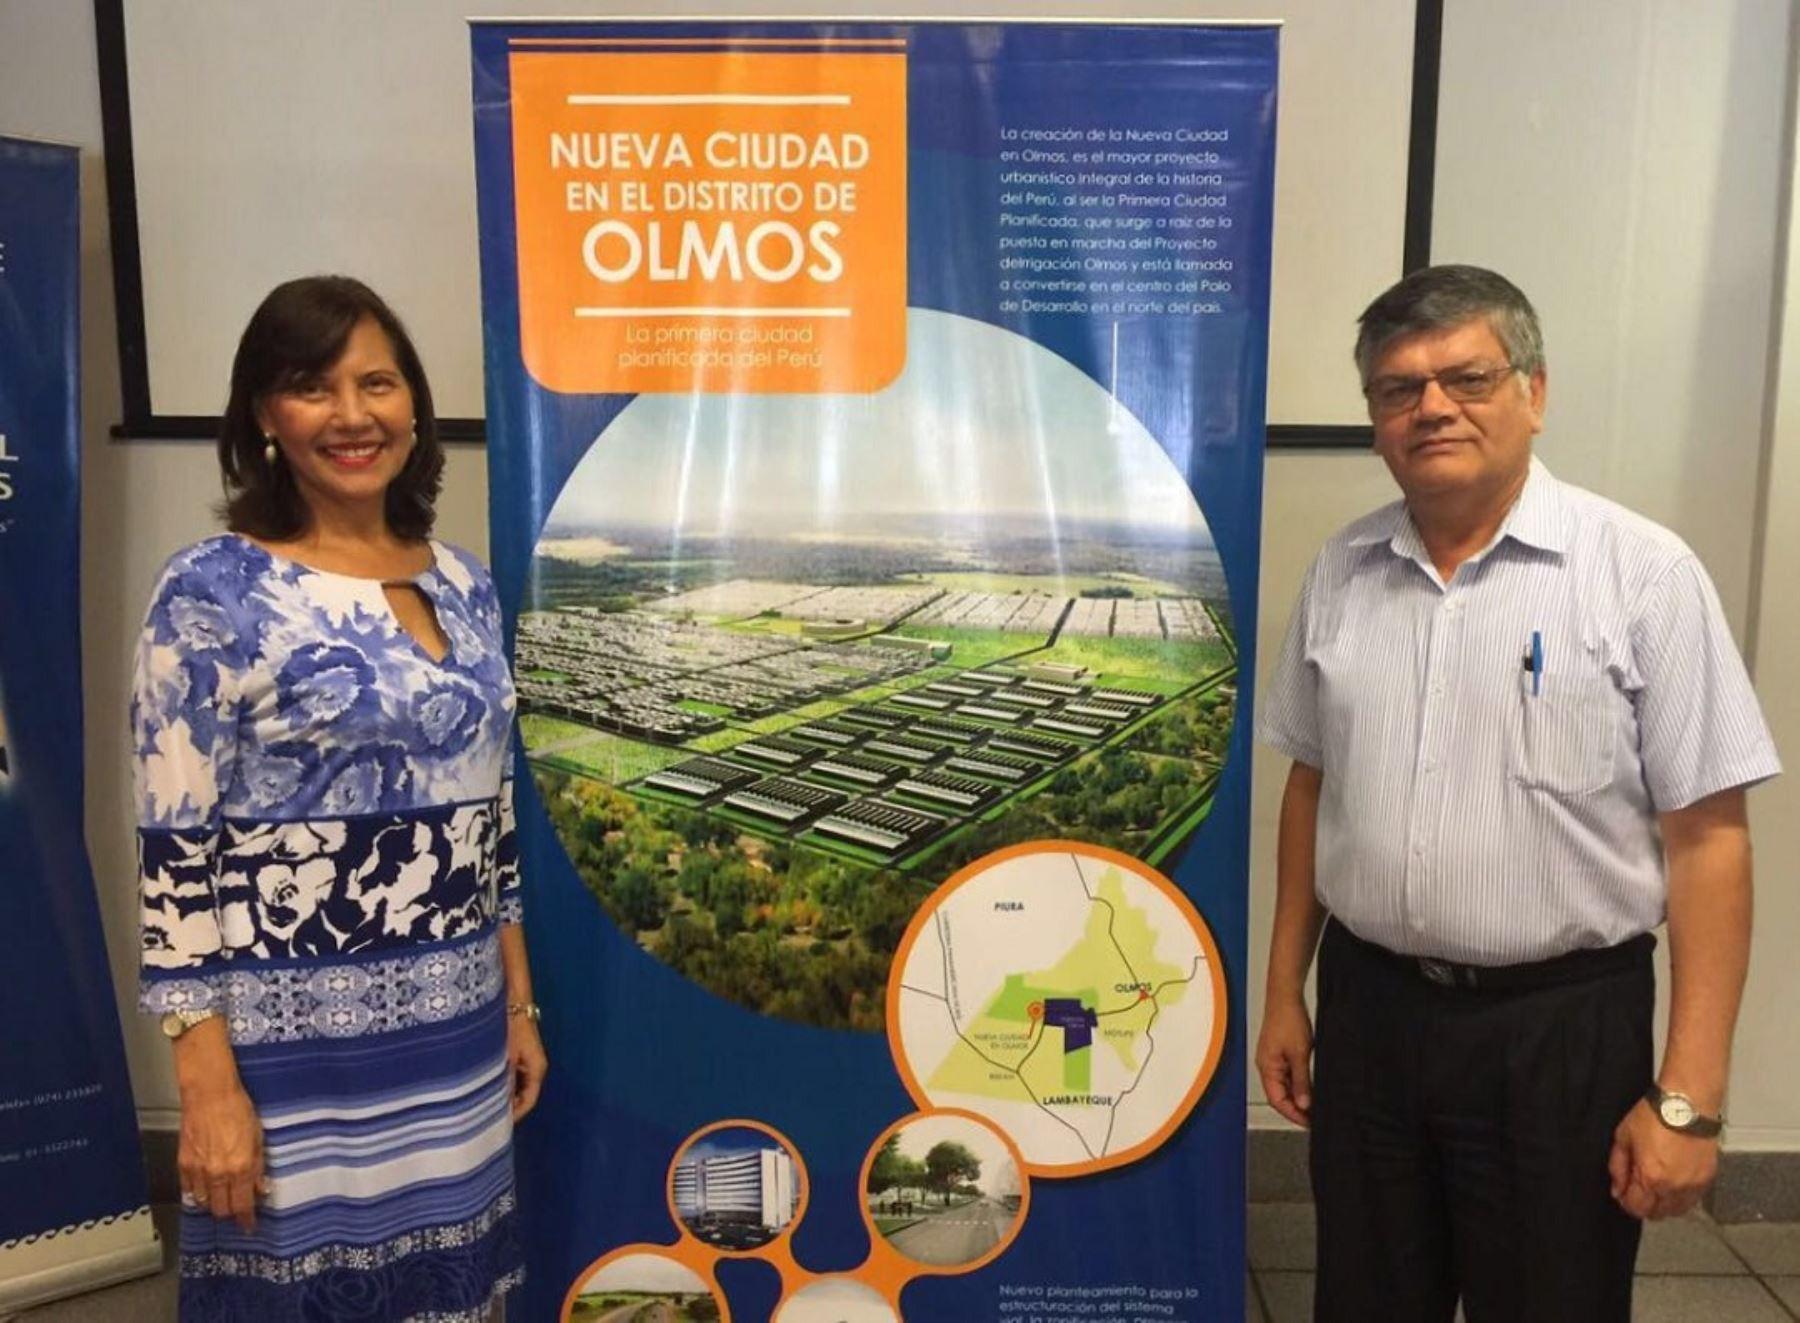 Presidenta ejecutiva de EsSalud, Virginia Baffigo, y gerente general del proyecto Olmos, Juan Saavedra.